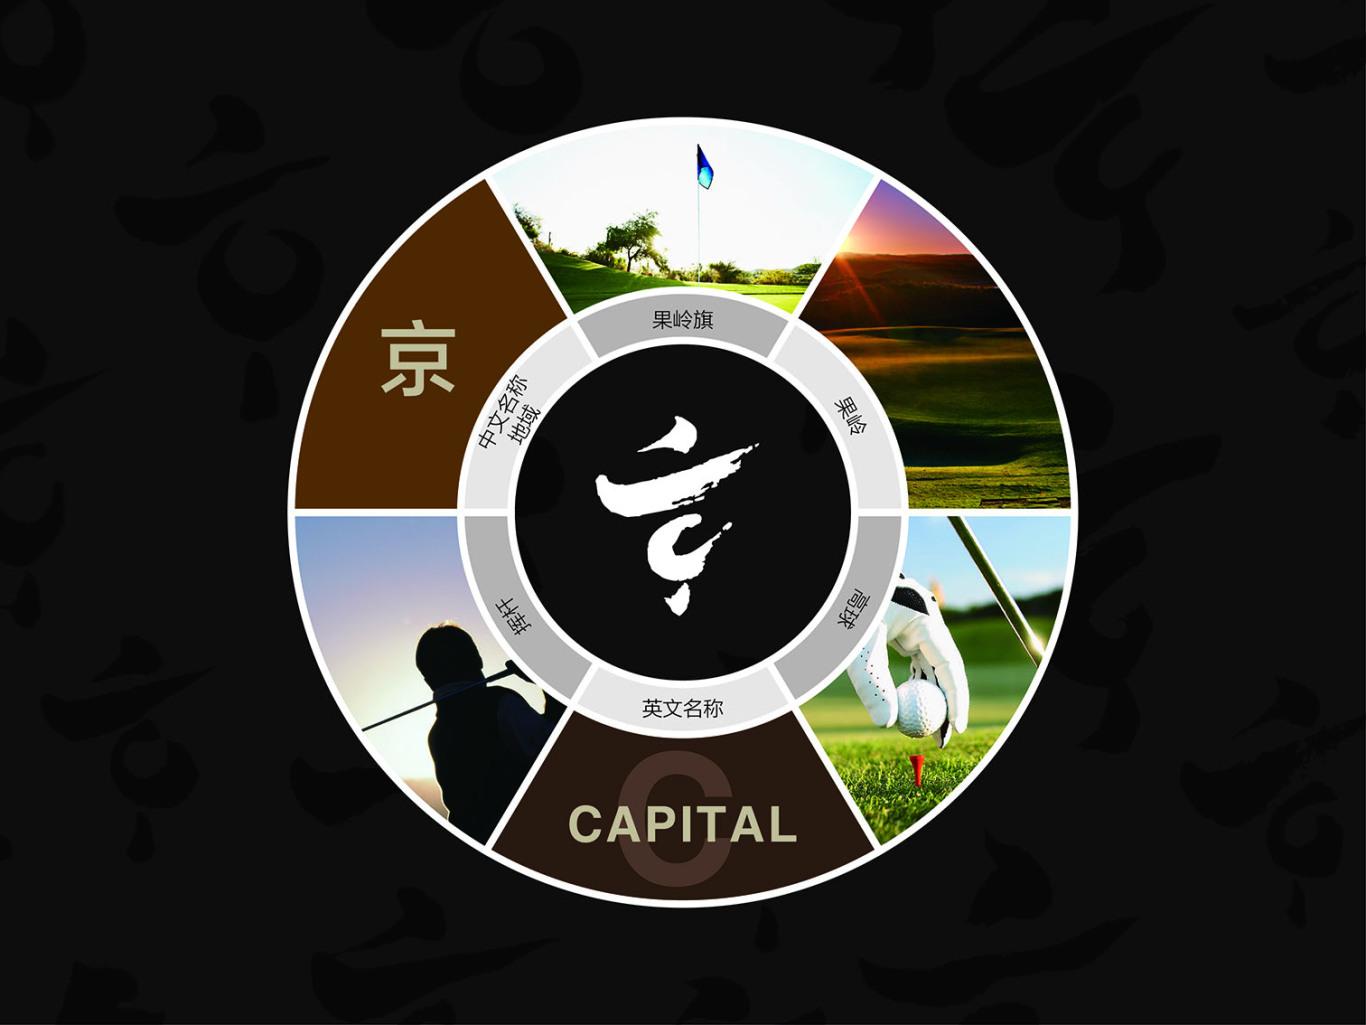 北京大兴京城高尔夫俱乐部LOGO设计图2